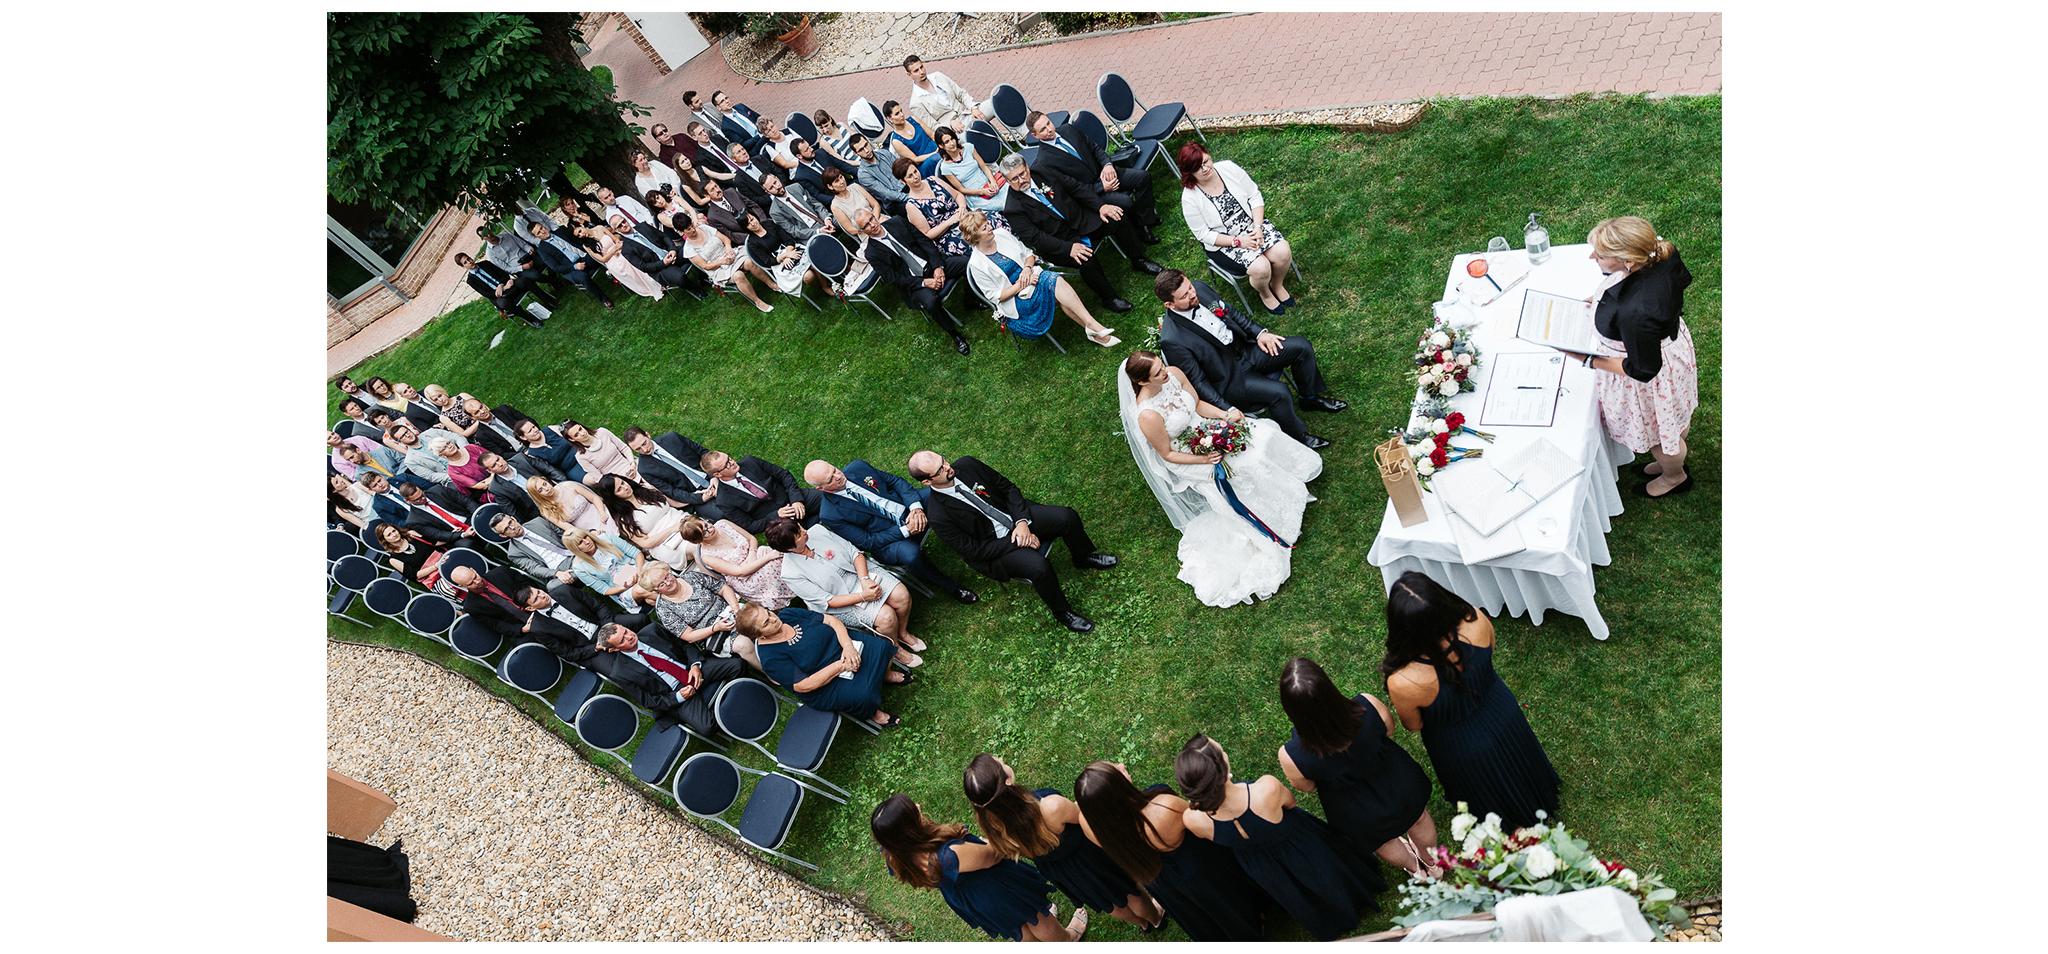 MONT_FylepPhoto, Esküvőfotós Vasmegye, Esküvő fotózás, Esküvői fotós, Körmend, Vas megye, Dunántúl, Budapest, Fülöp Péter, Jegyes fotózás, jegyes, kreatív, kreatívfotózás,Wien,Ausztira,Österreich,hochzeitsfotograf_V&M_032.jpg